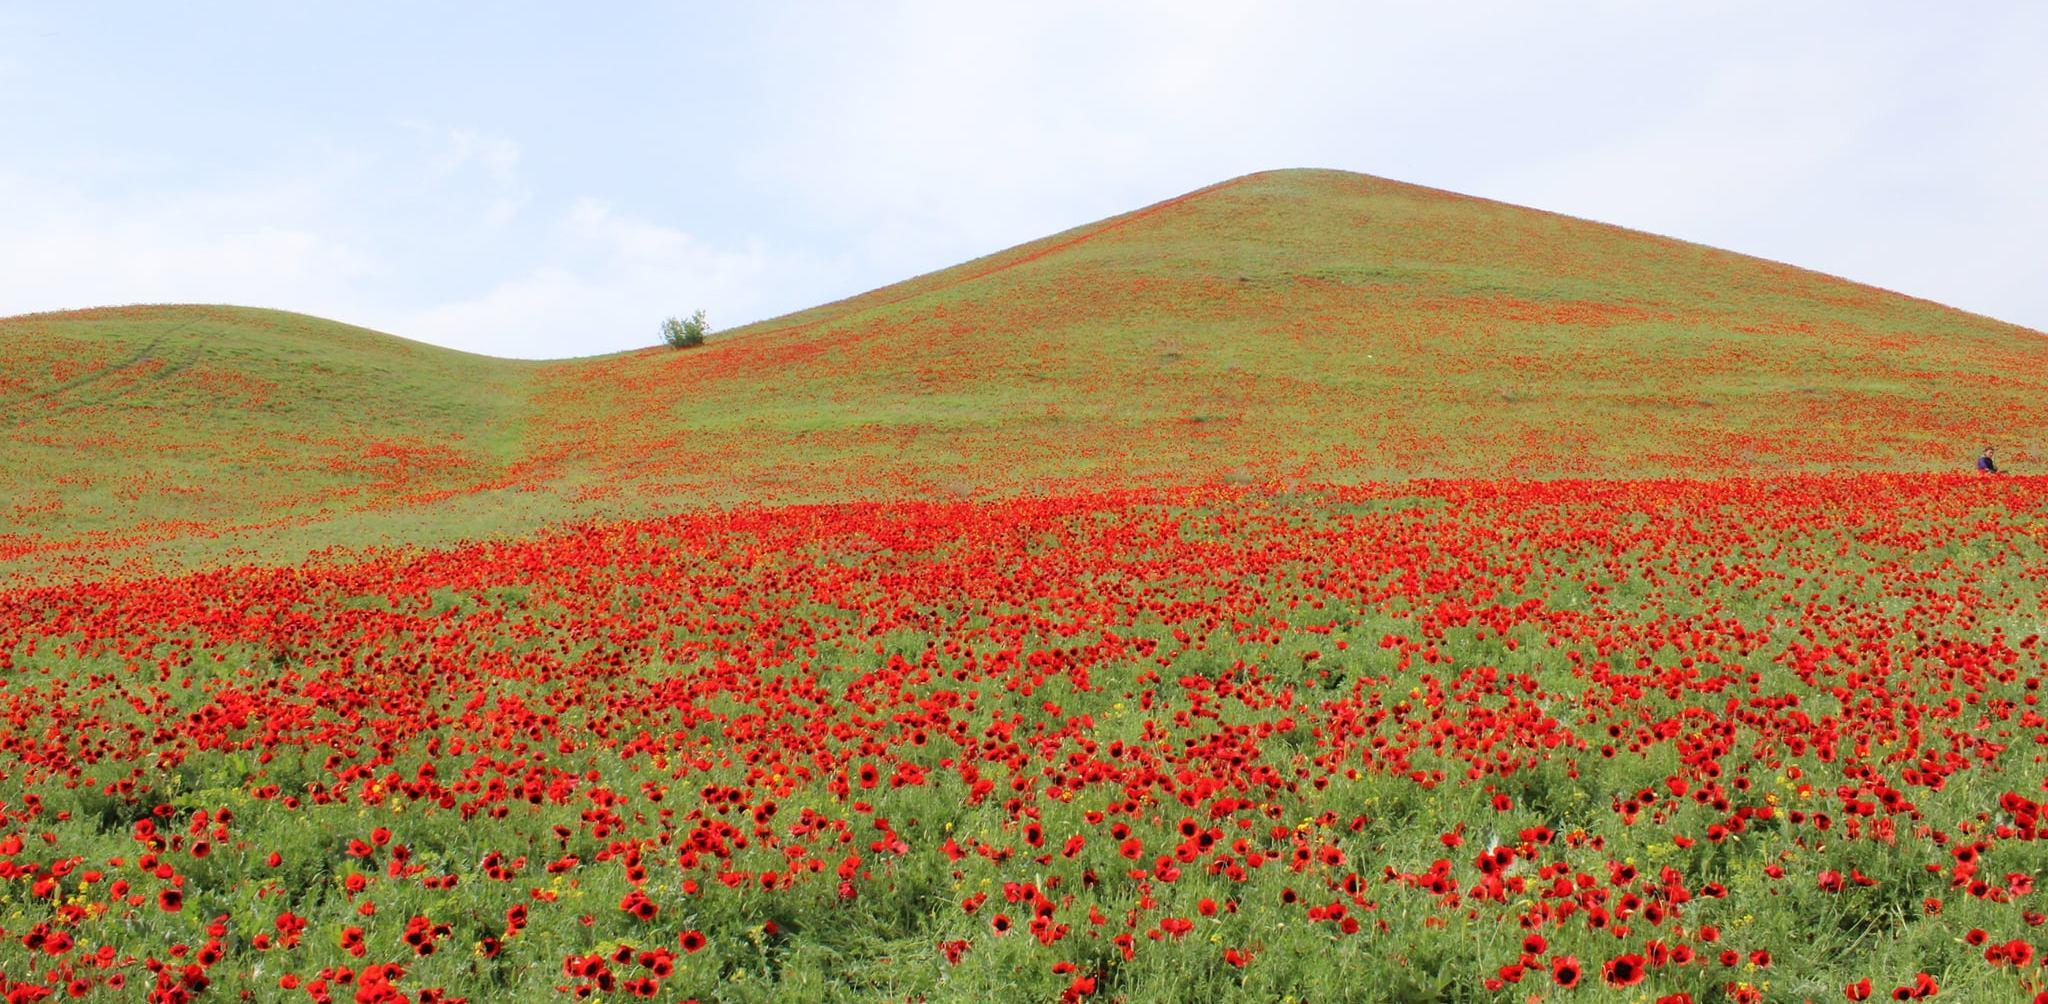 Mayıs'a ağlıyor aylardan Teşrinisani, Şiir: Soso KAKUBAVA